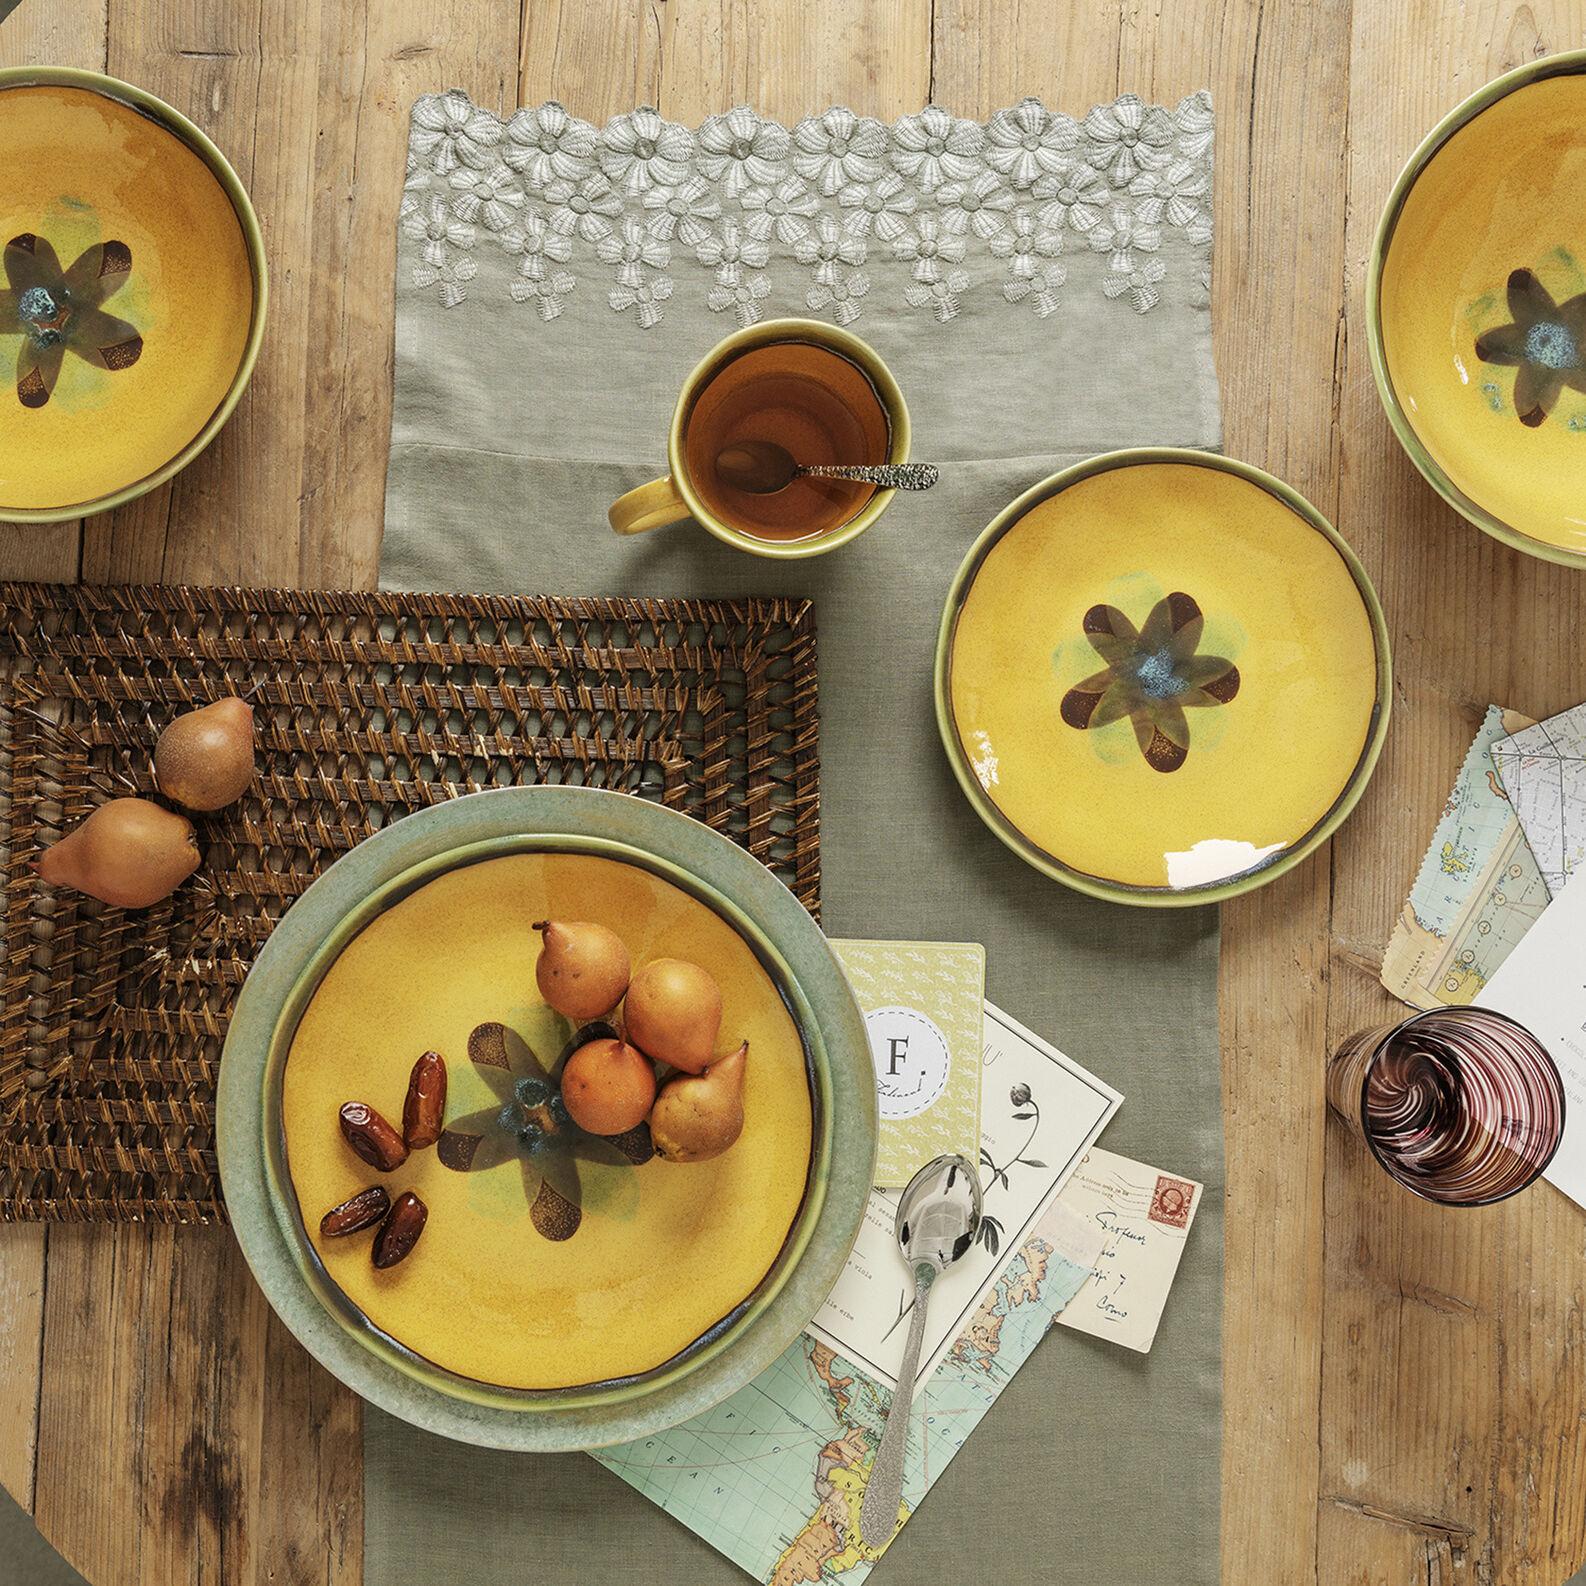 Cotton ceramic soup bowl